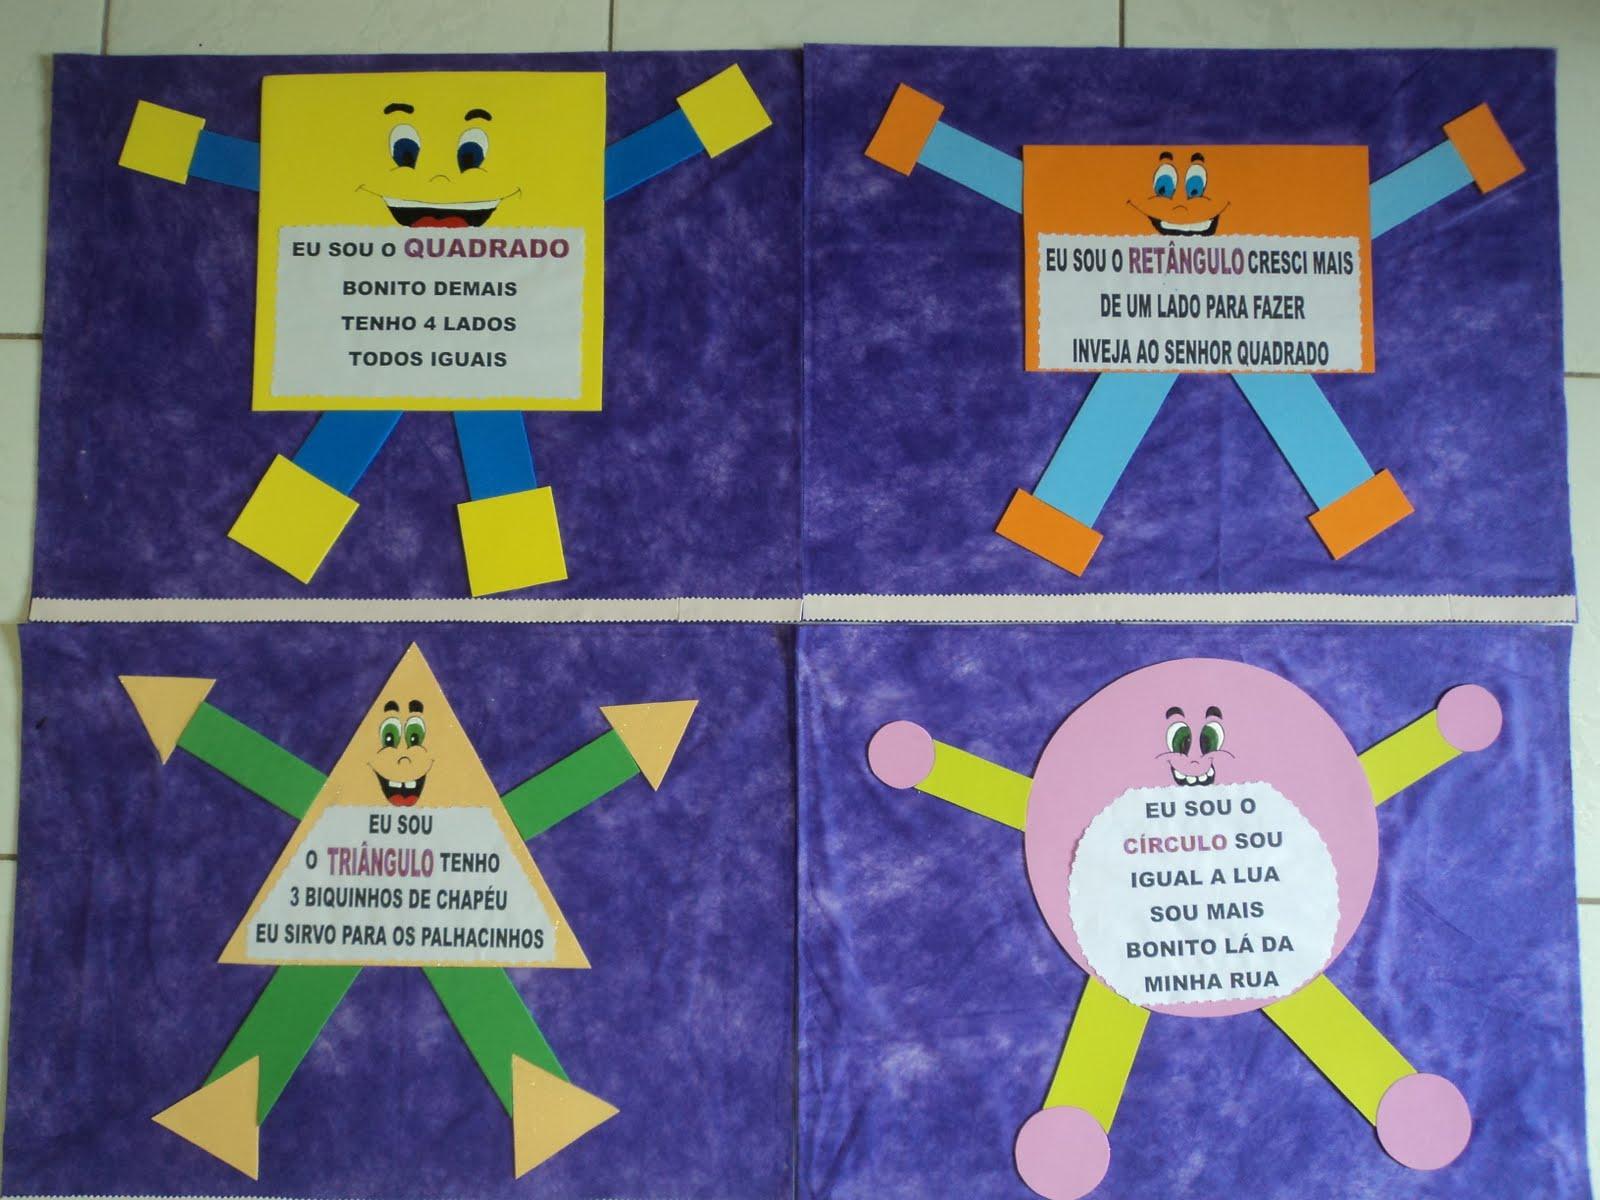 ideias para trabalhar no jardim de infancia:Educação Encantada – Paula Amaral: História da quadradinha – Formas